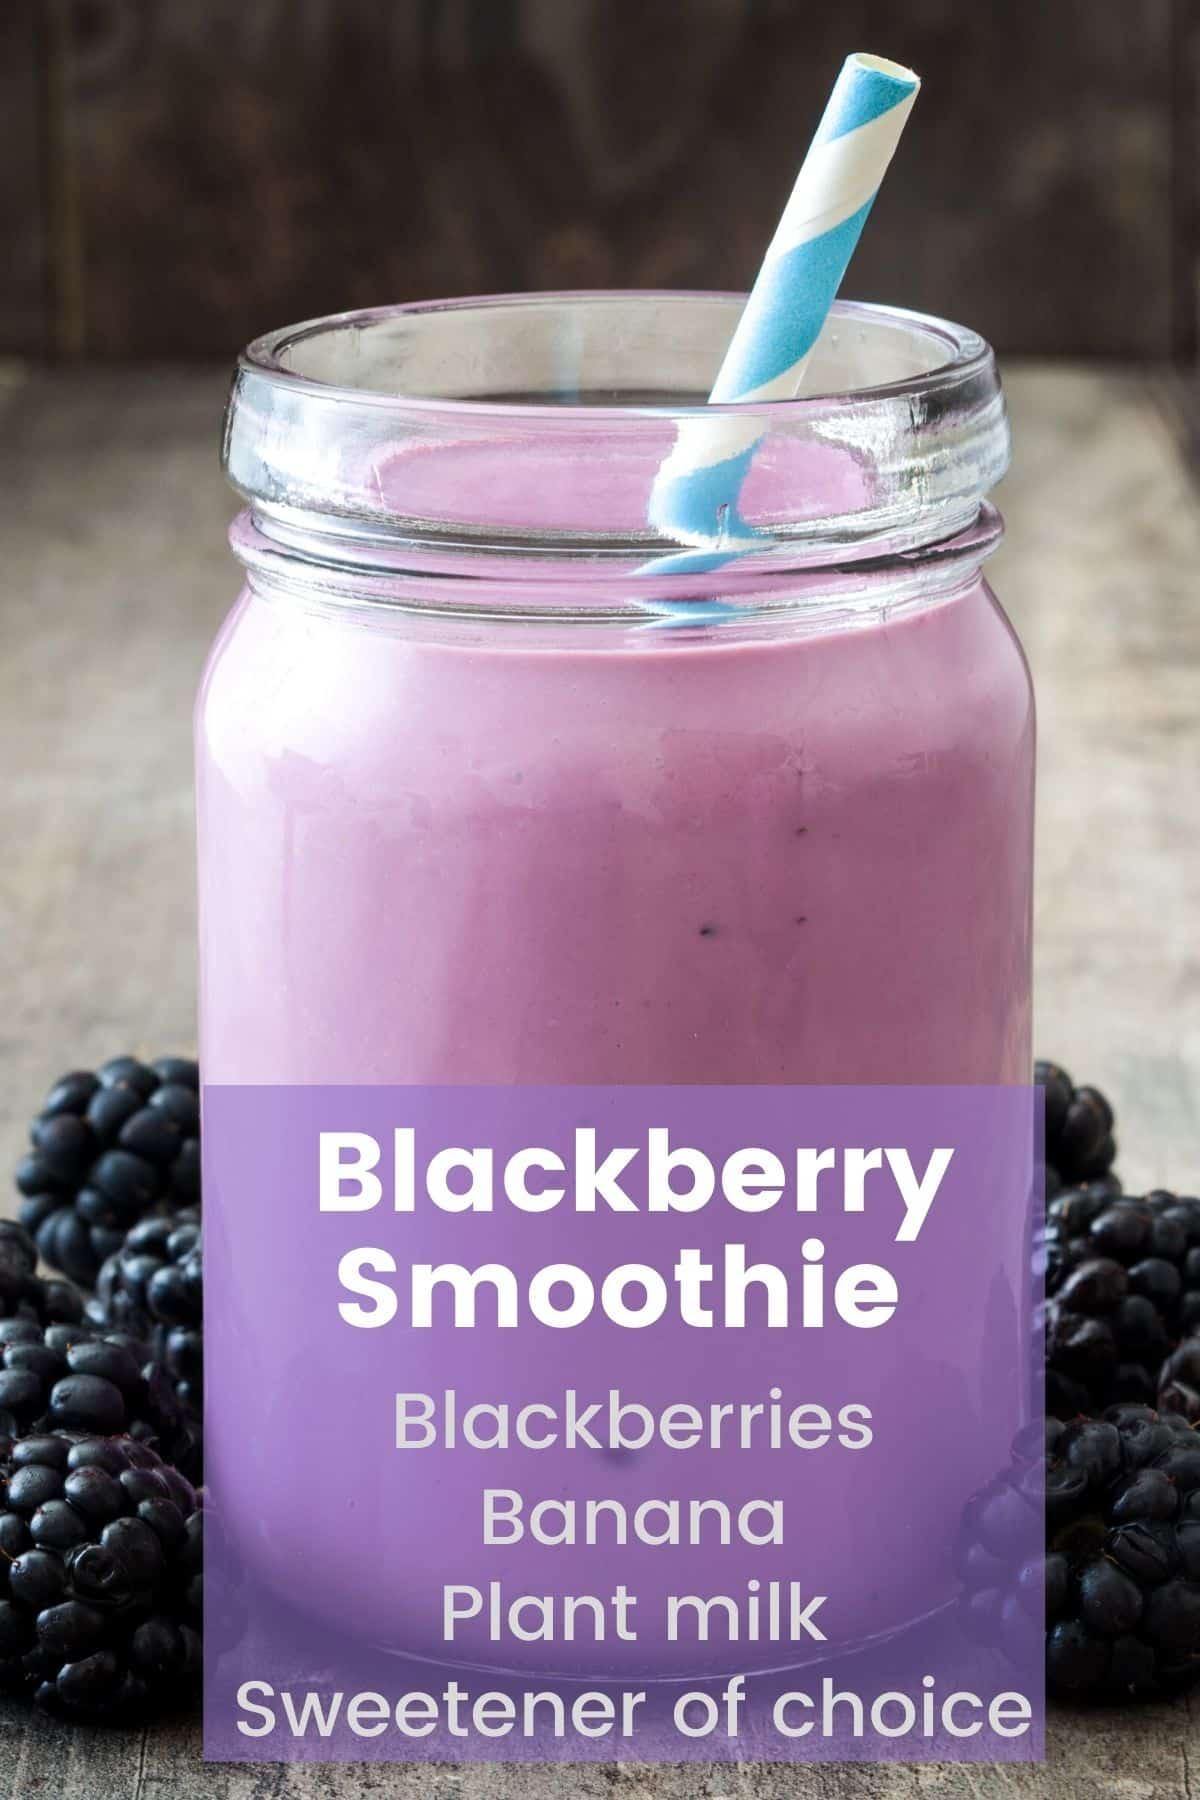 blackberry smoothie infographic